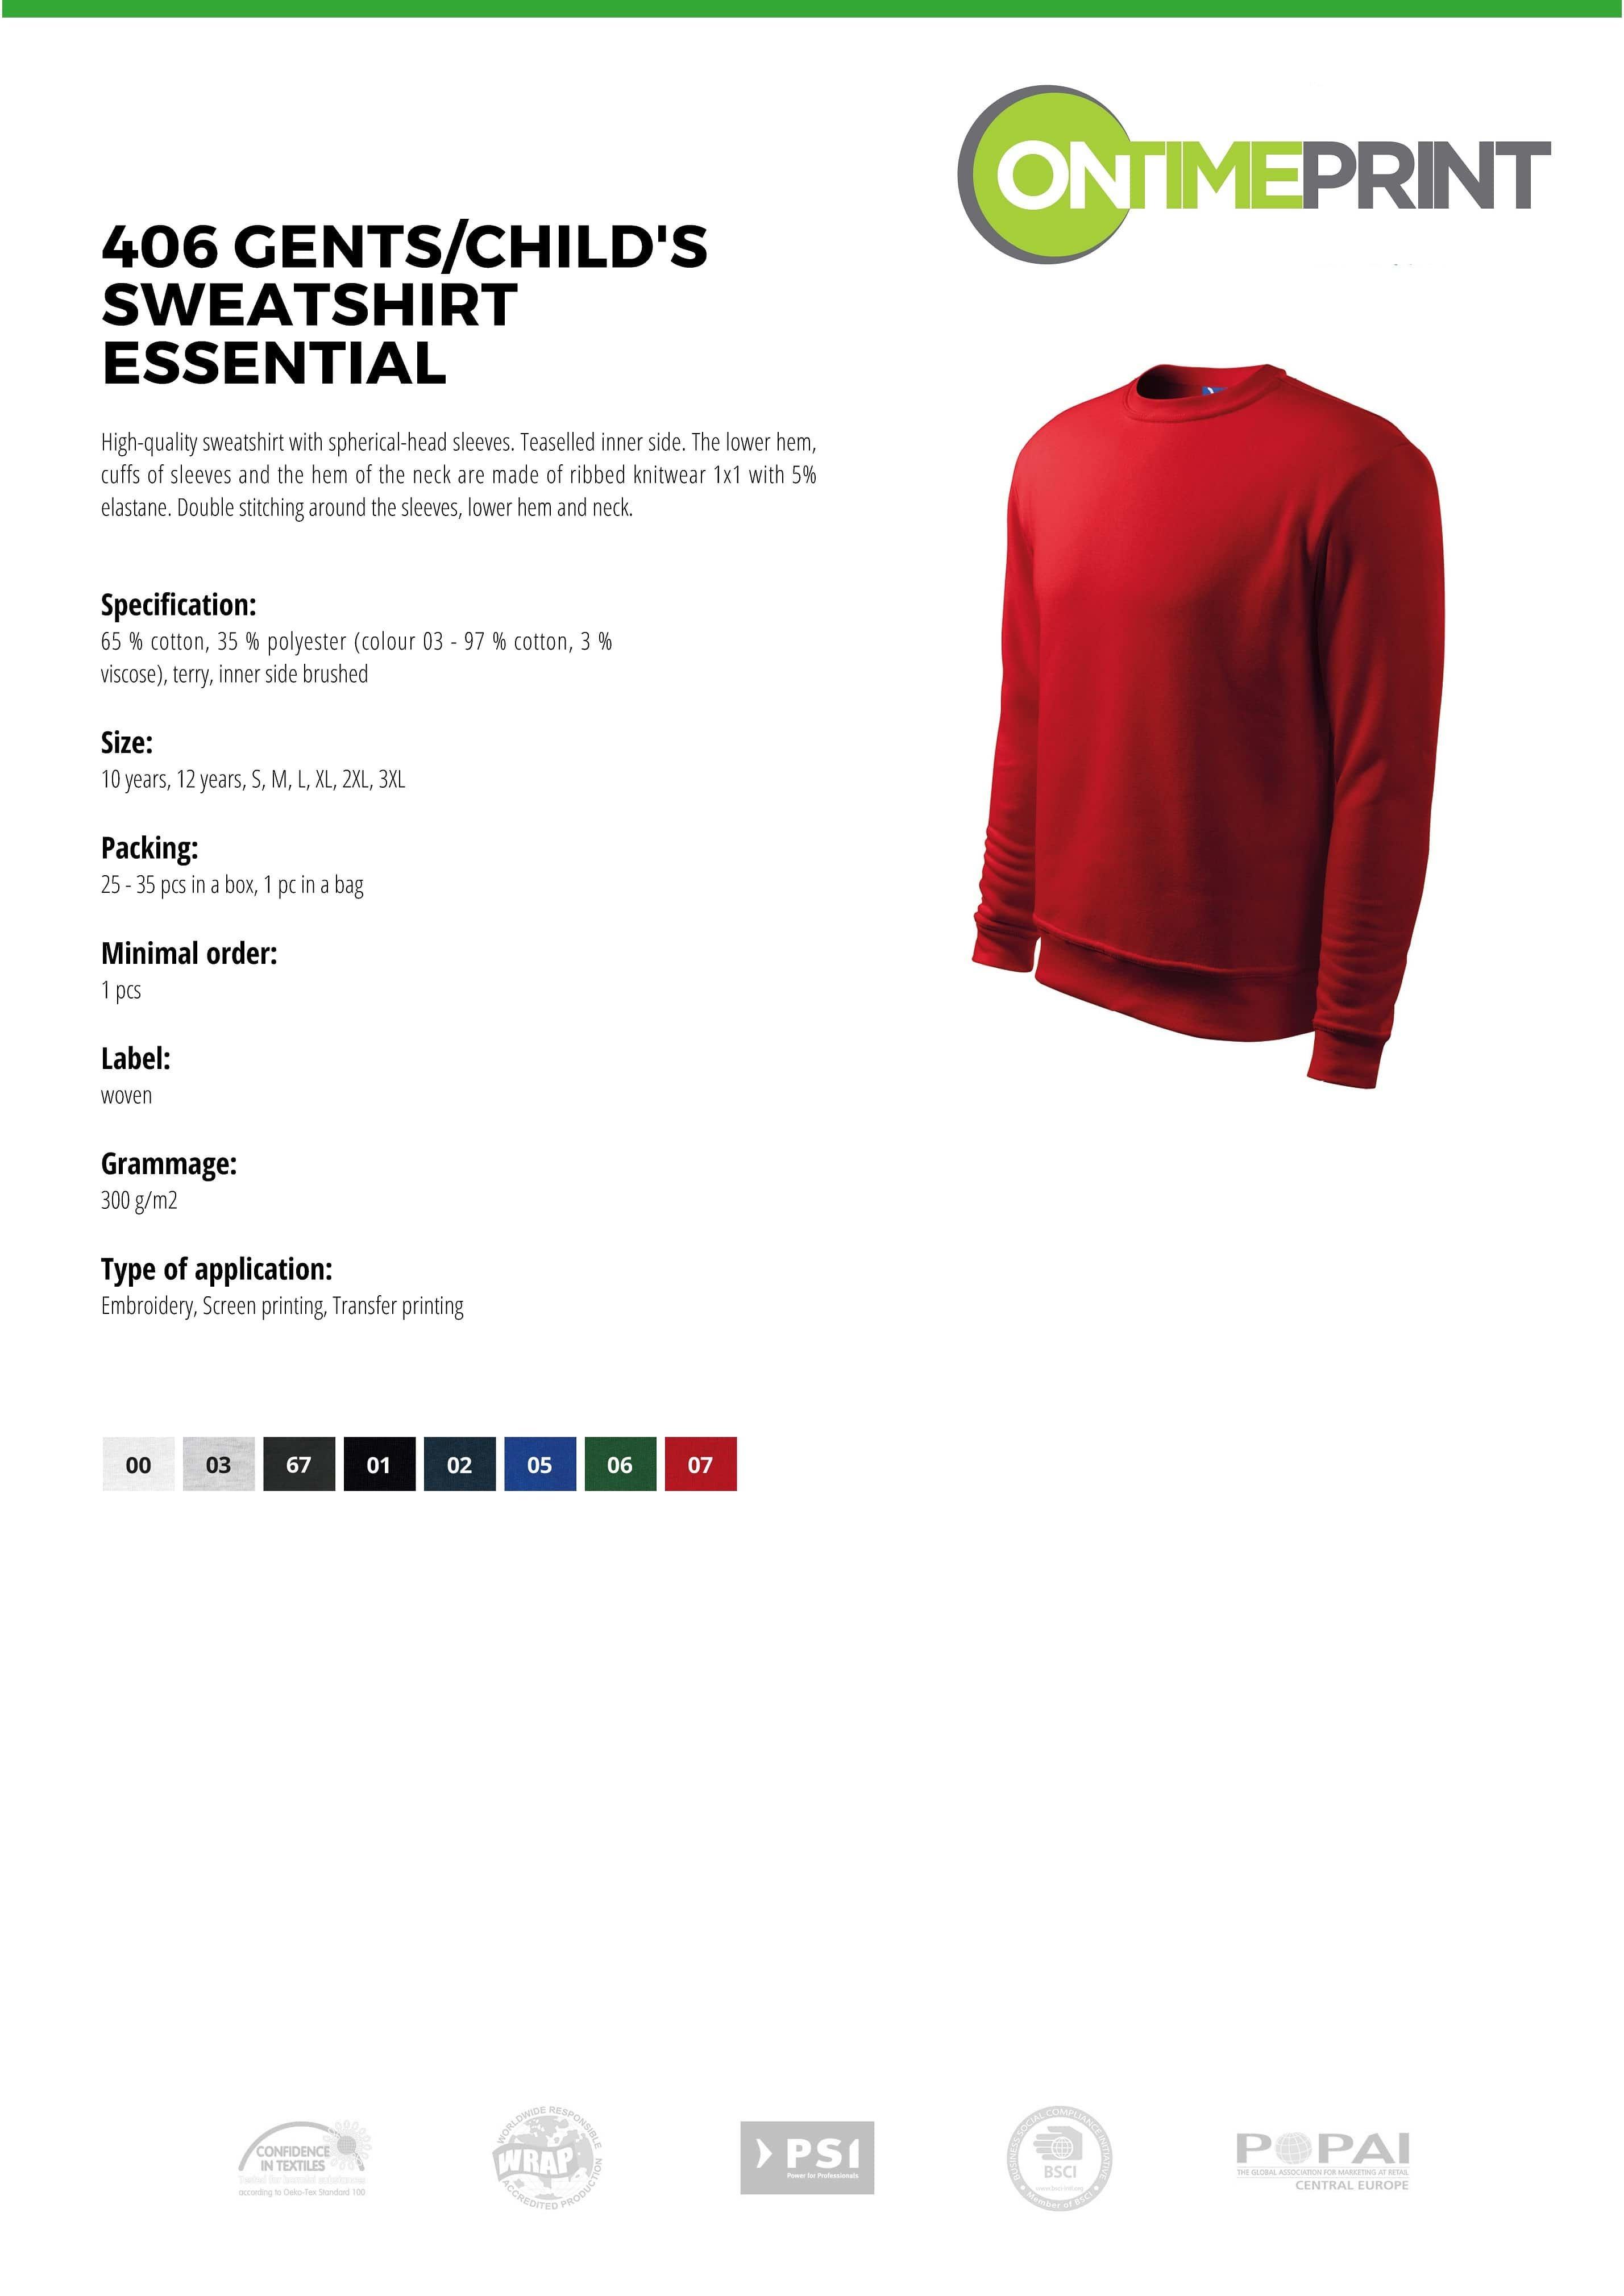 Gents Sweatshirt Essential 406